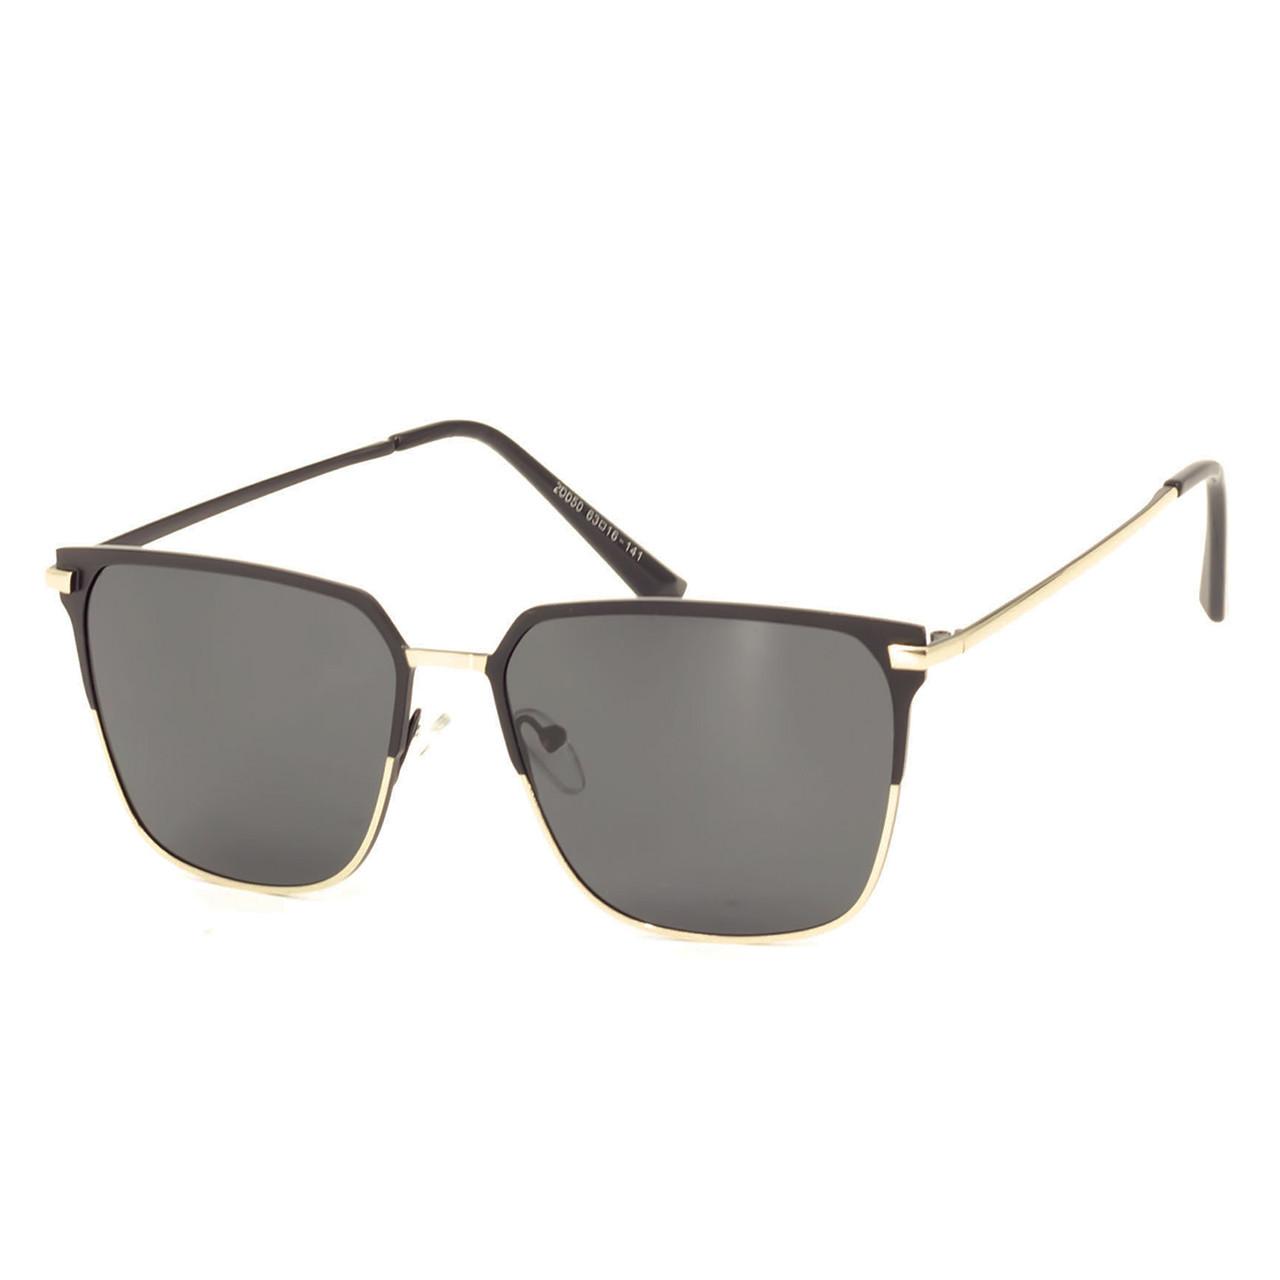 Сонцезахисні окуляри Marmilen Polar 20050 C1 чорно-сірий в металі ( BA20050-01 )